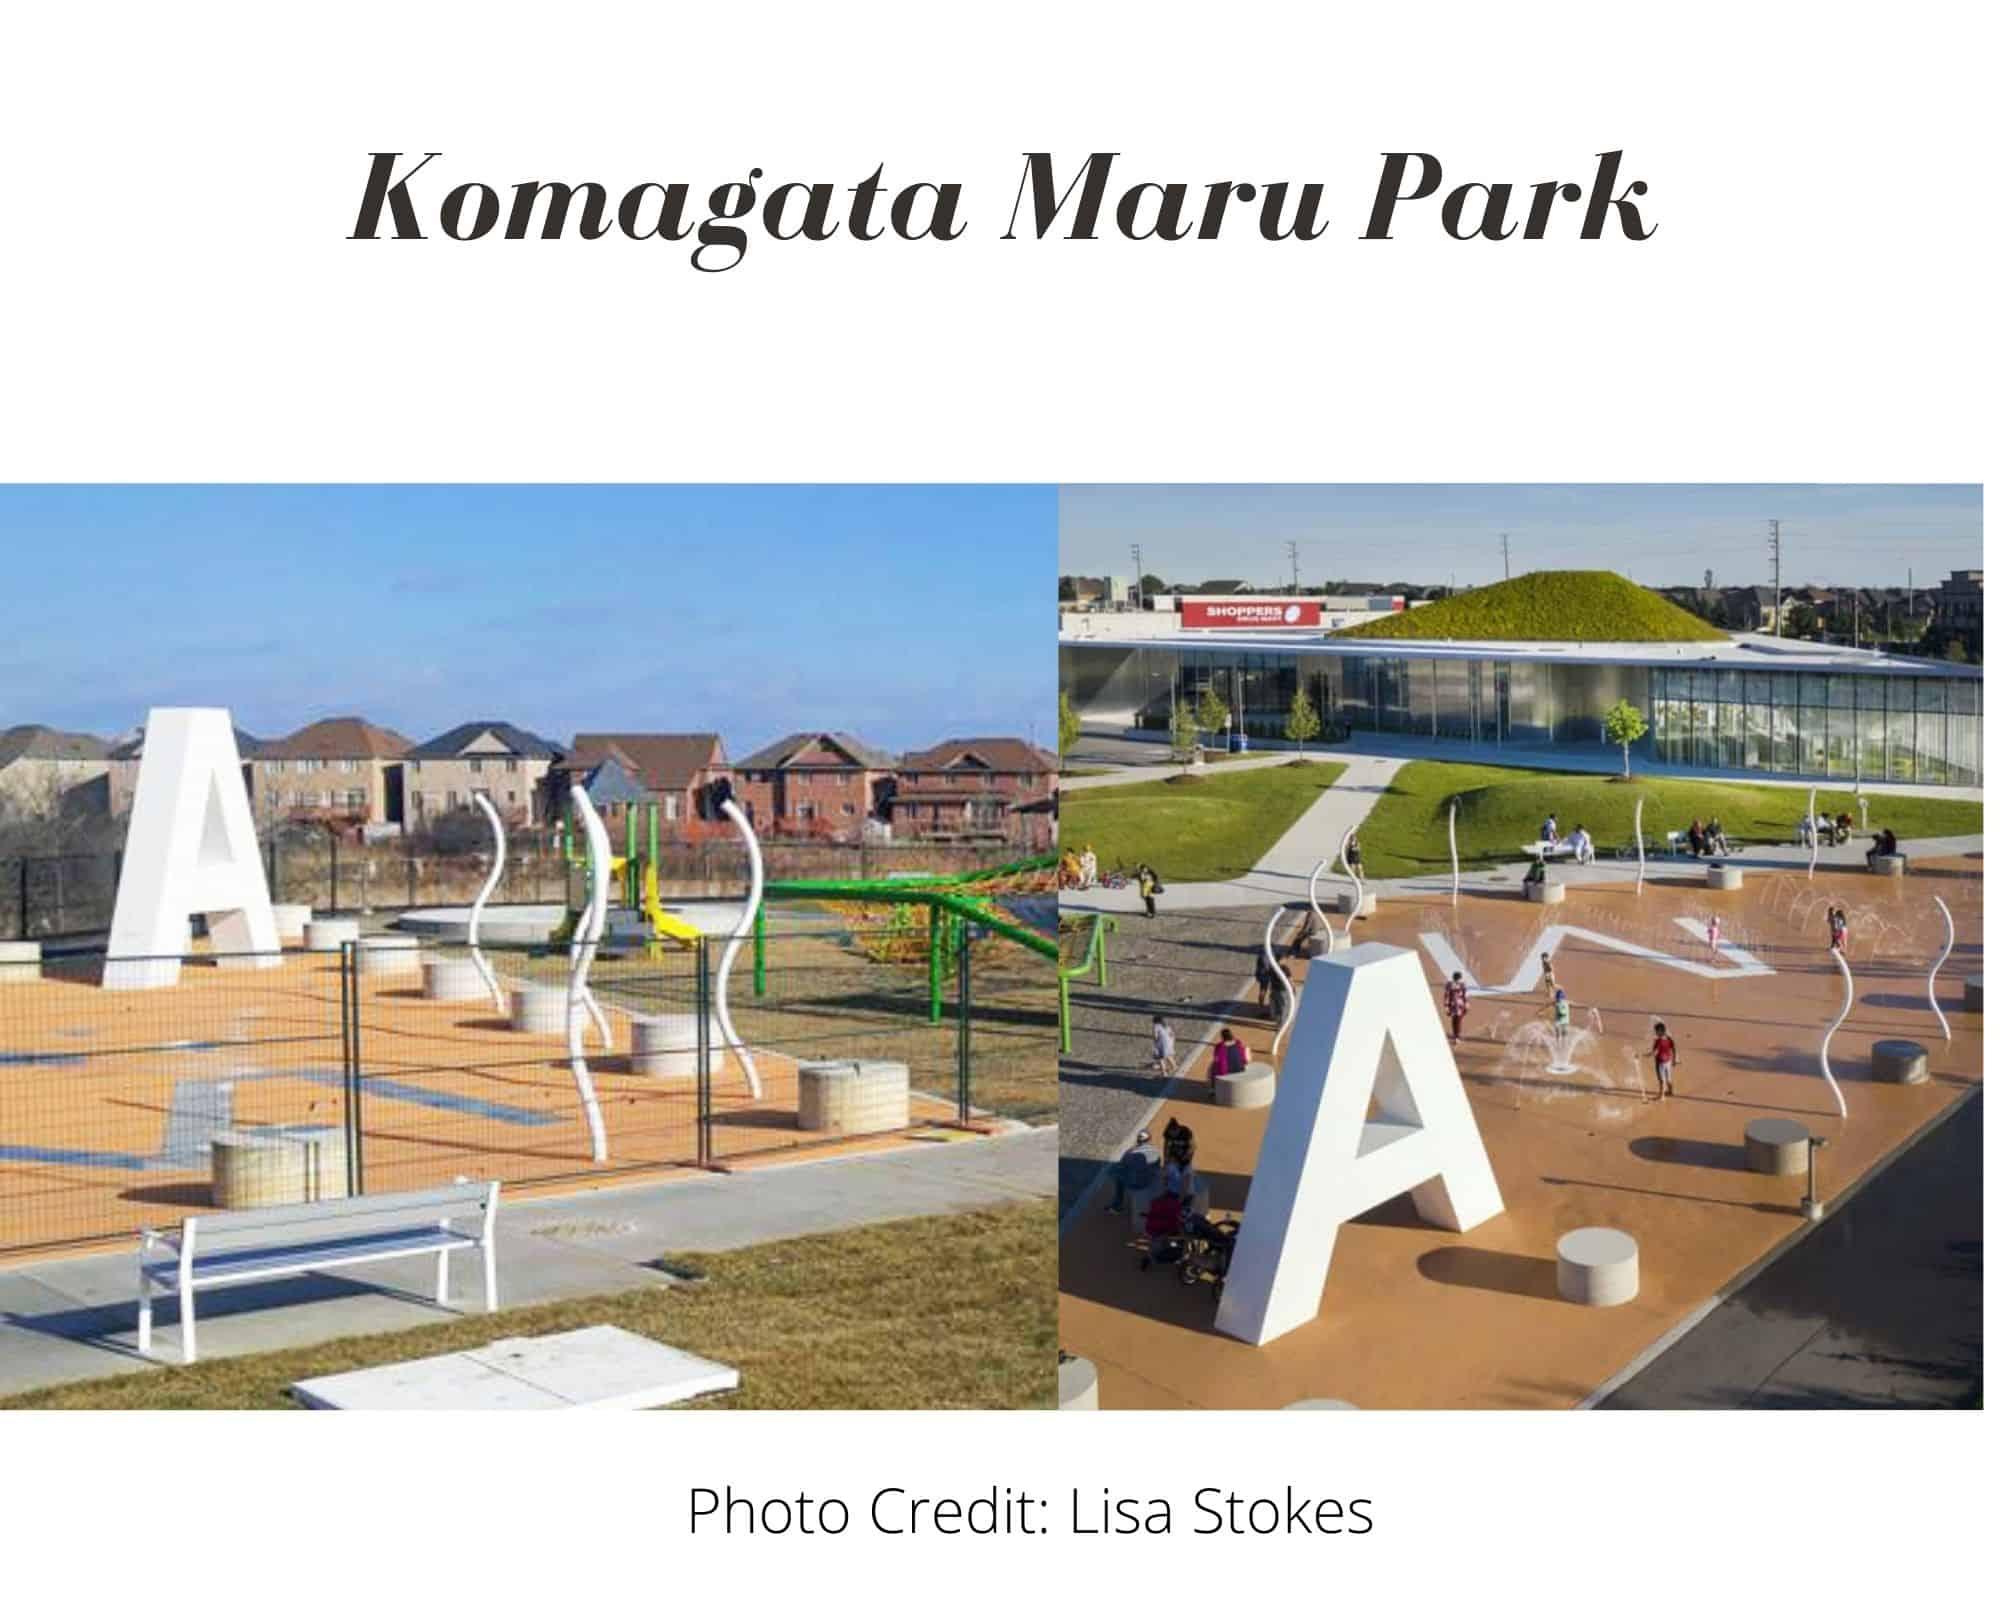 Komagata Maru Park